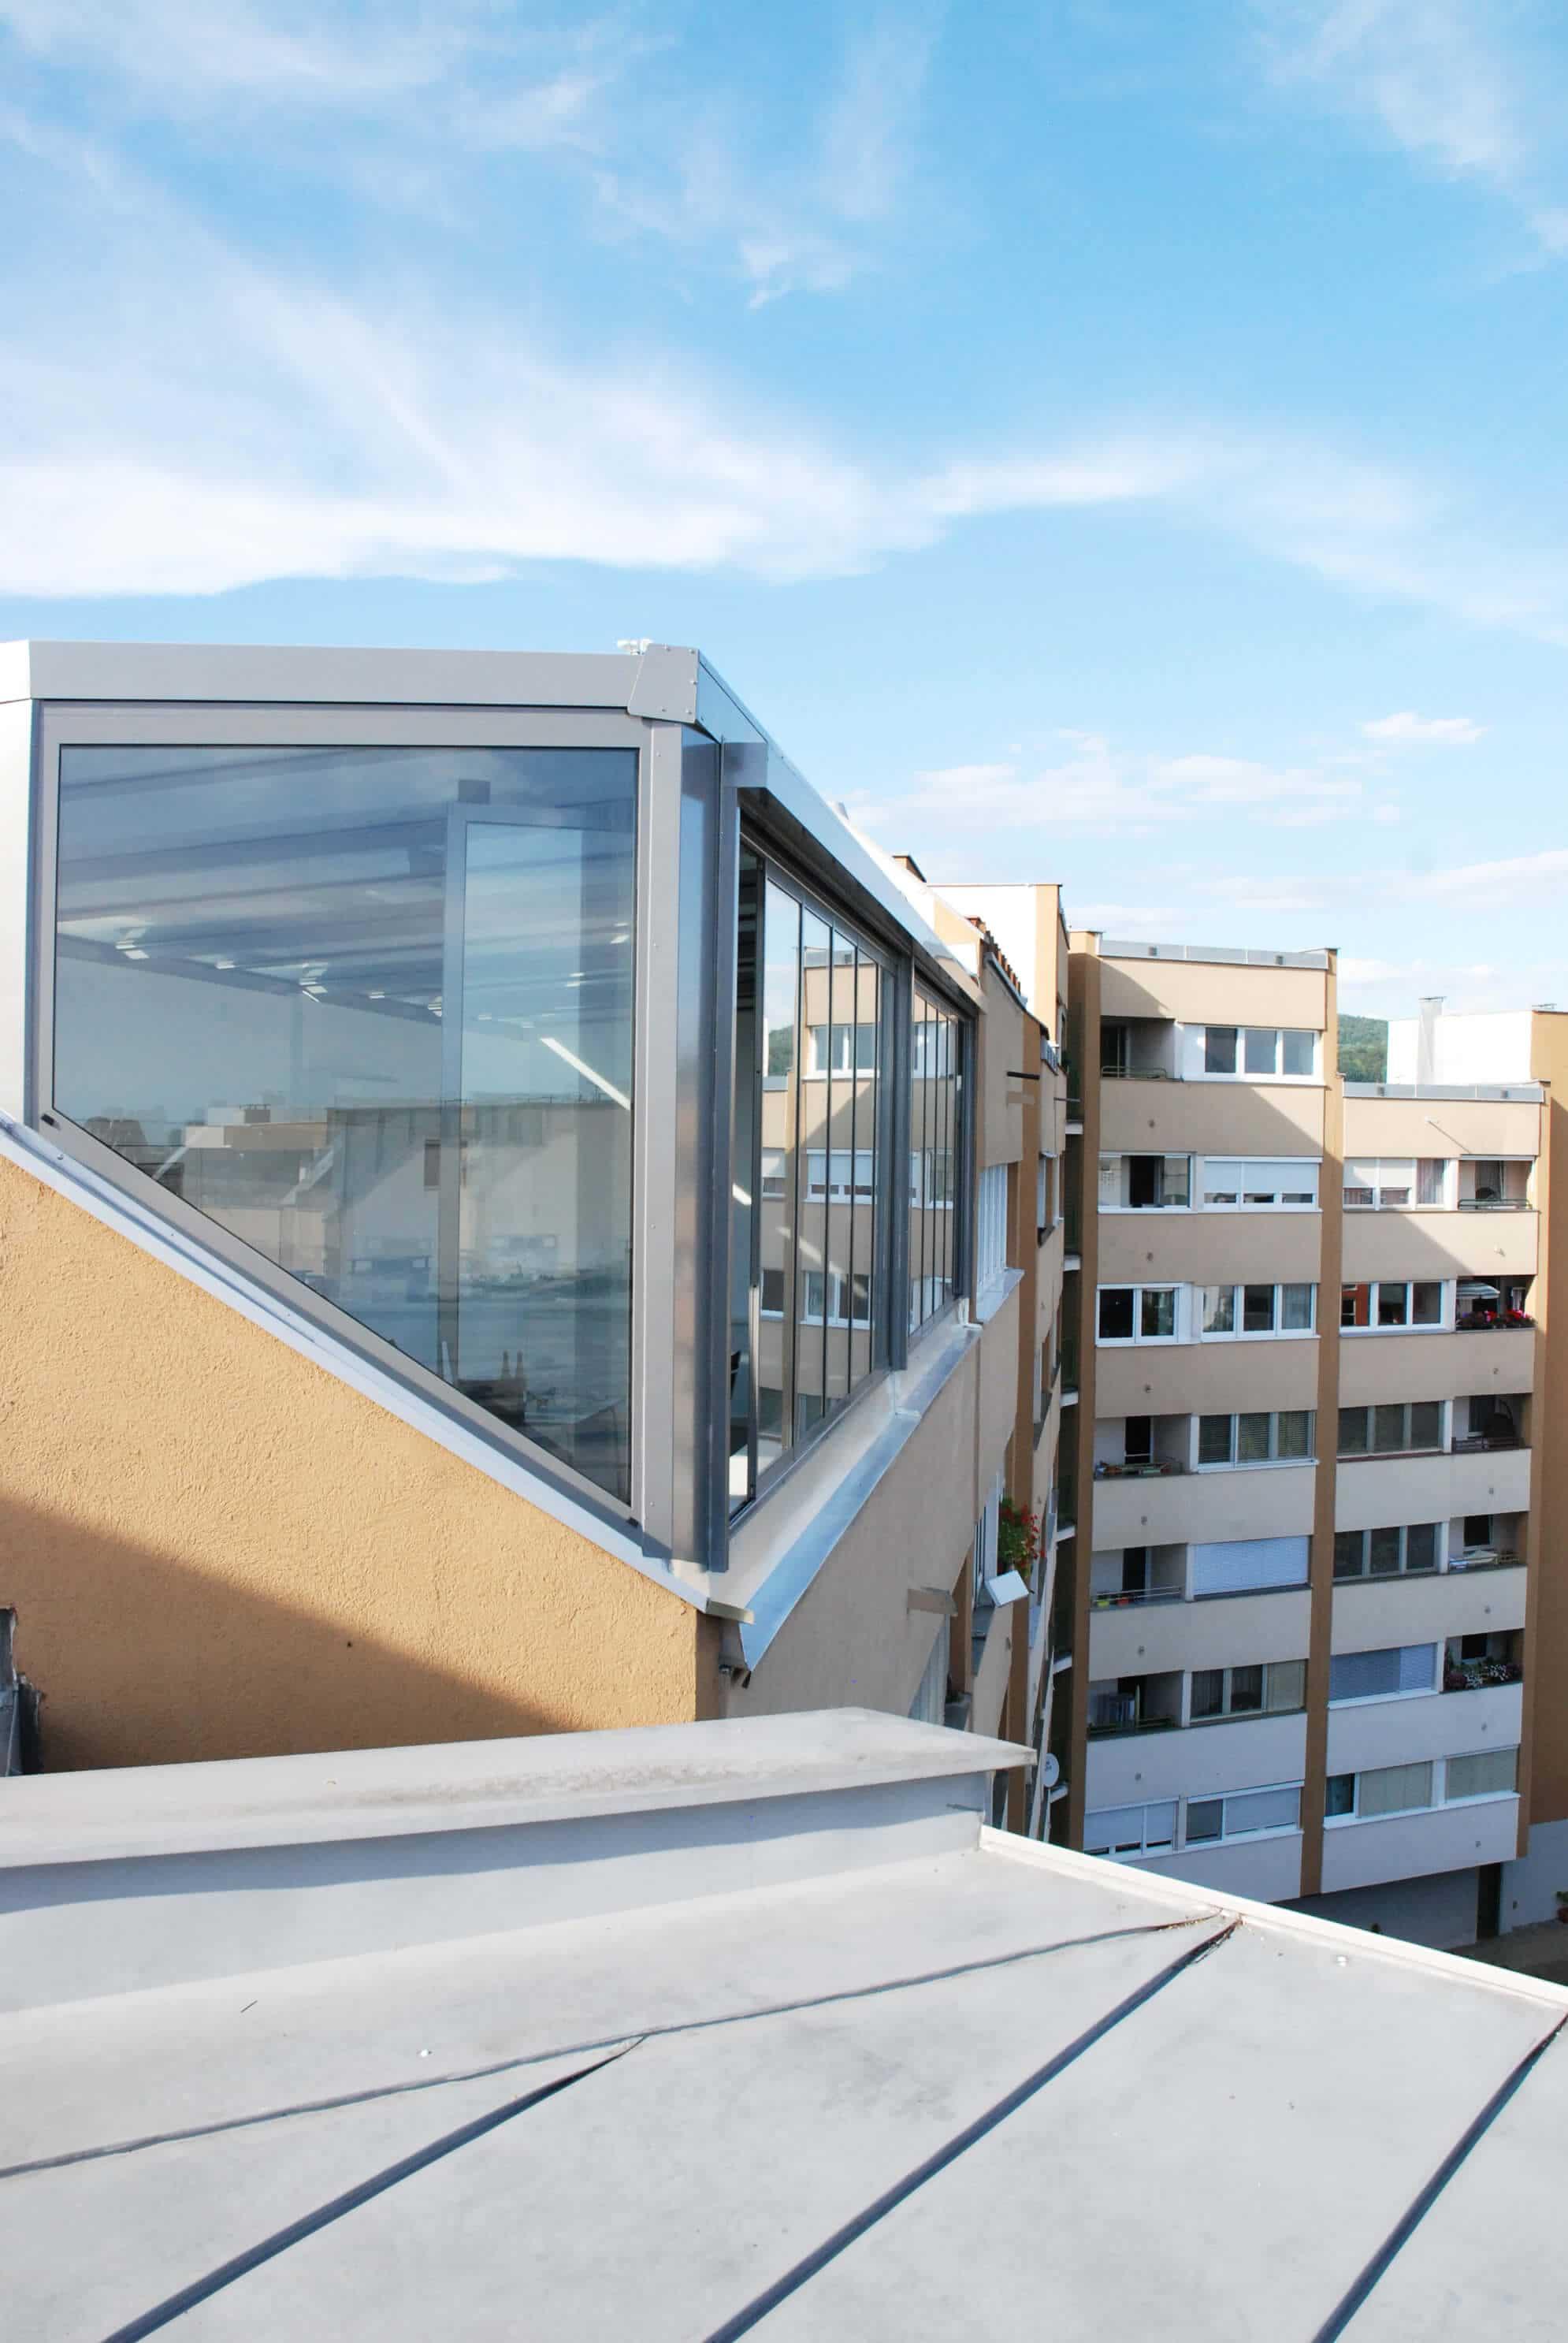 Wintergarten mit Schiebe-Dreh-Fenster